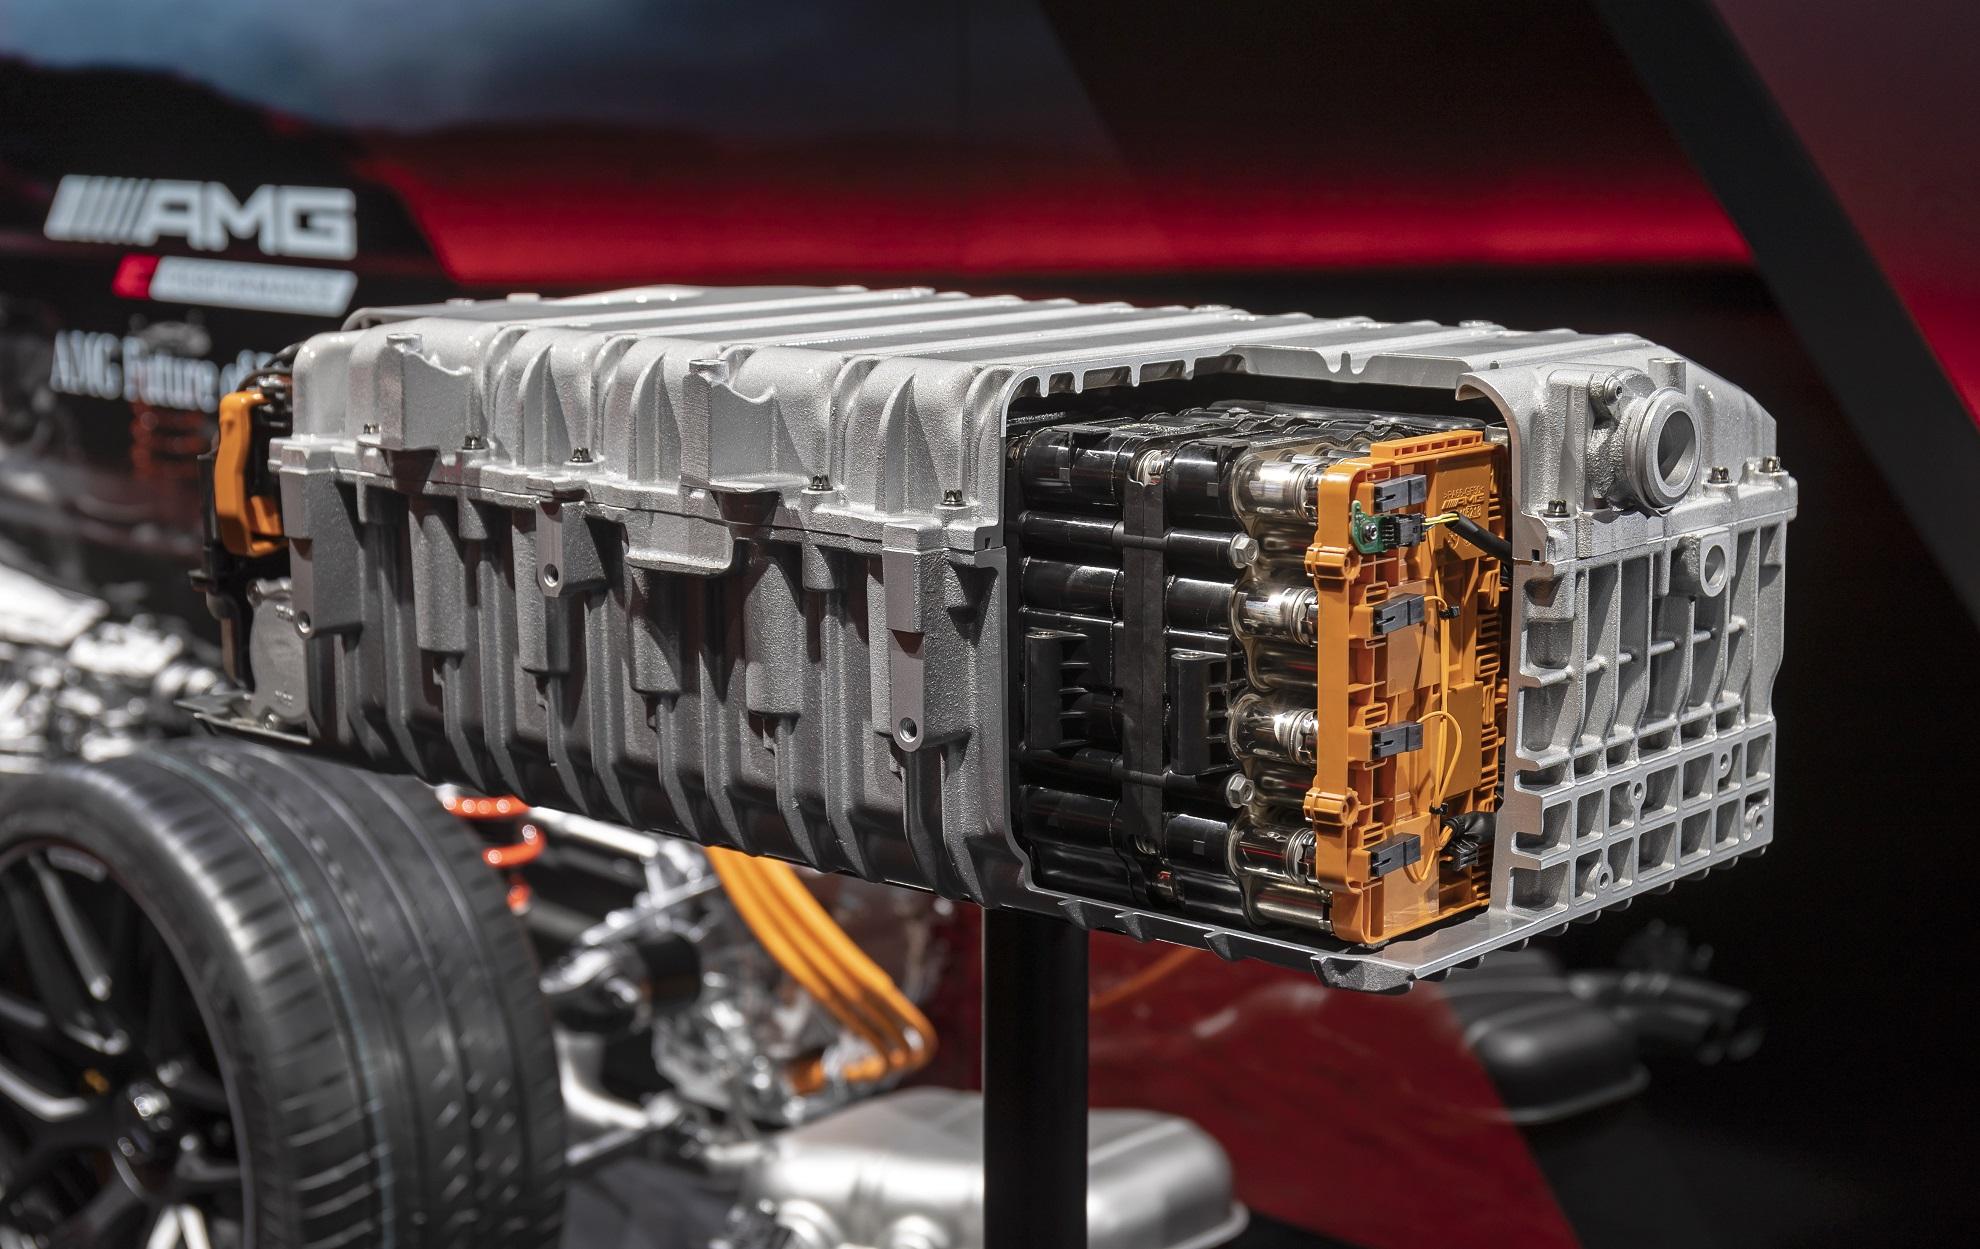 TecDAY AMG Future of Driving Performance Eigenständige E PERFORMANCE Antriebsstrategie für Performance-Hybride; High Performance Batterie // TecDAY AMG Future of Driving PerformanceIndependent E PERFORMANCE drivetrain strategy for performance hybrids; High Performance Battery